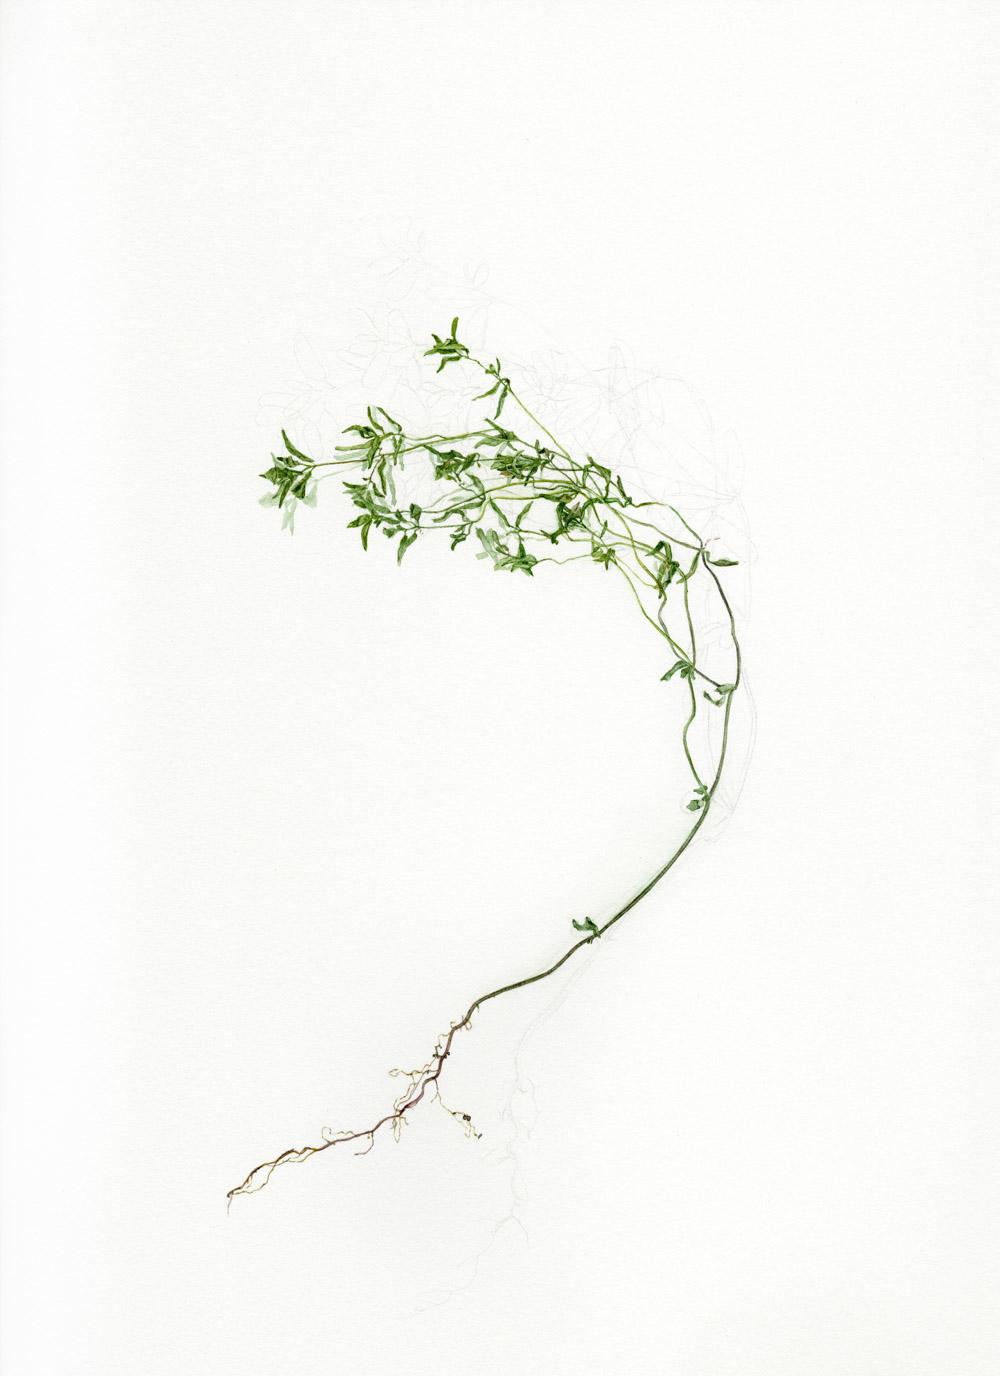 Piece from N 49�5_ W 97�1 by artist Chantal Dupas of Winnipeg, Canada // via www.thebotanical.ca